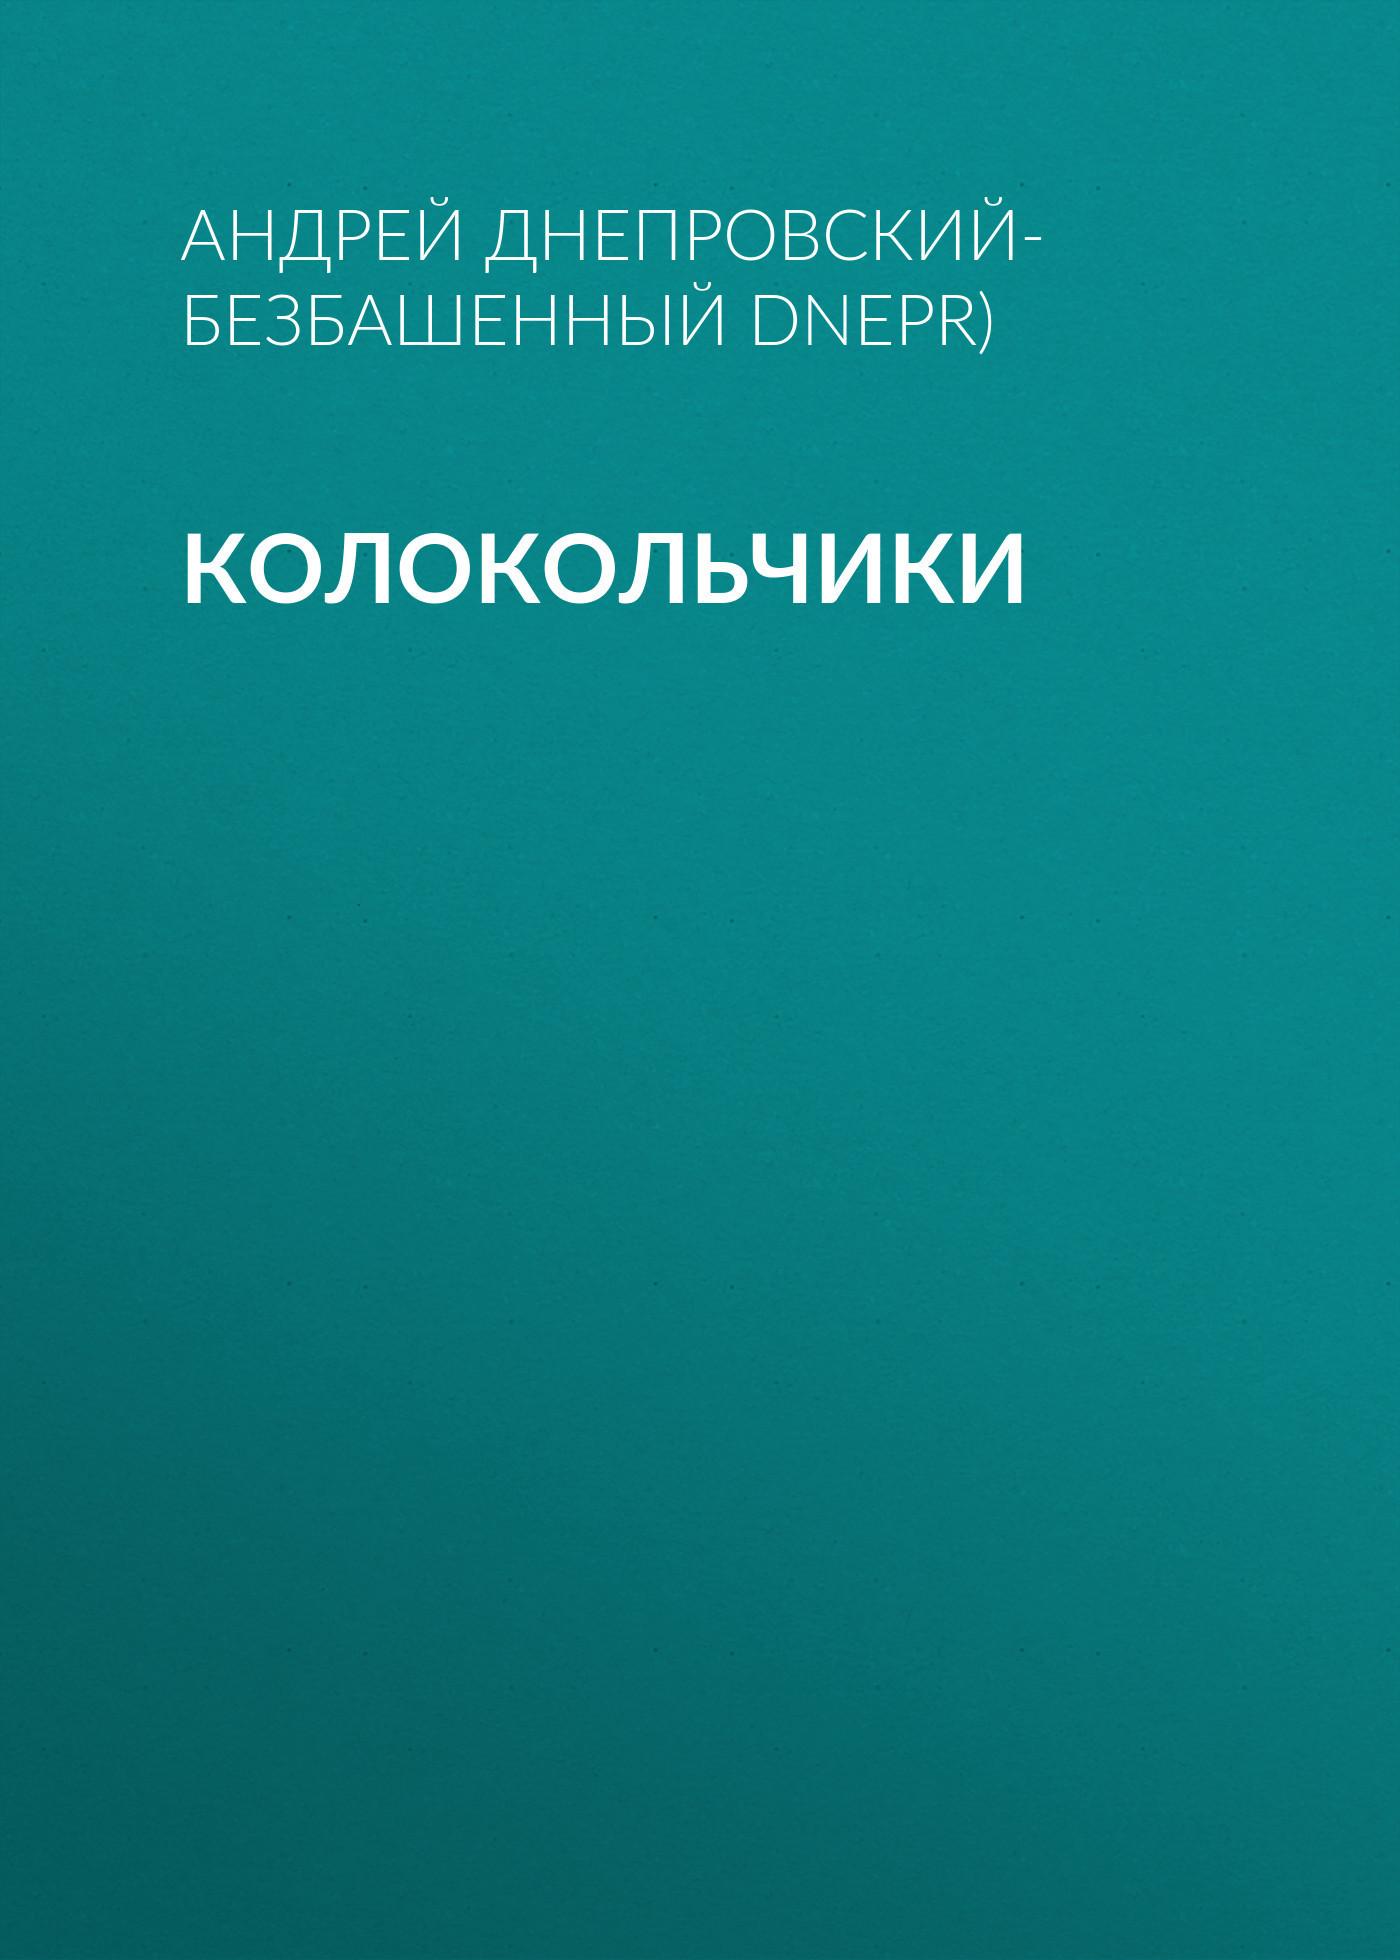 Андрей Днепровский-Безбашенный (A.DNEPR) Колокольчики андрей битов текст как текст